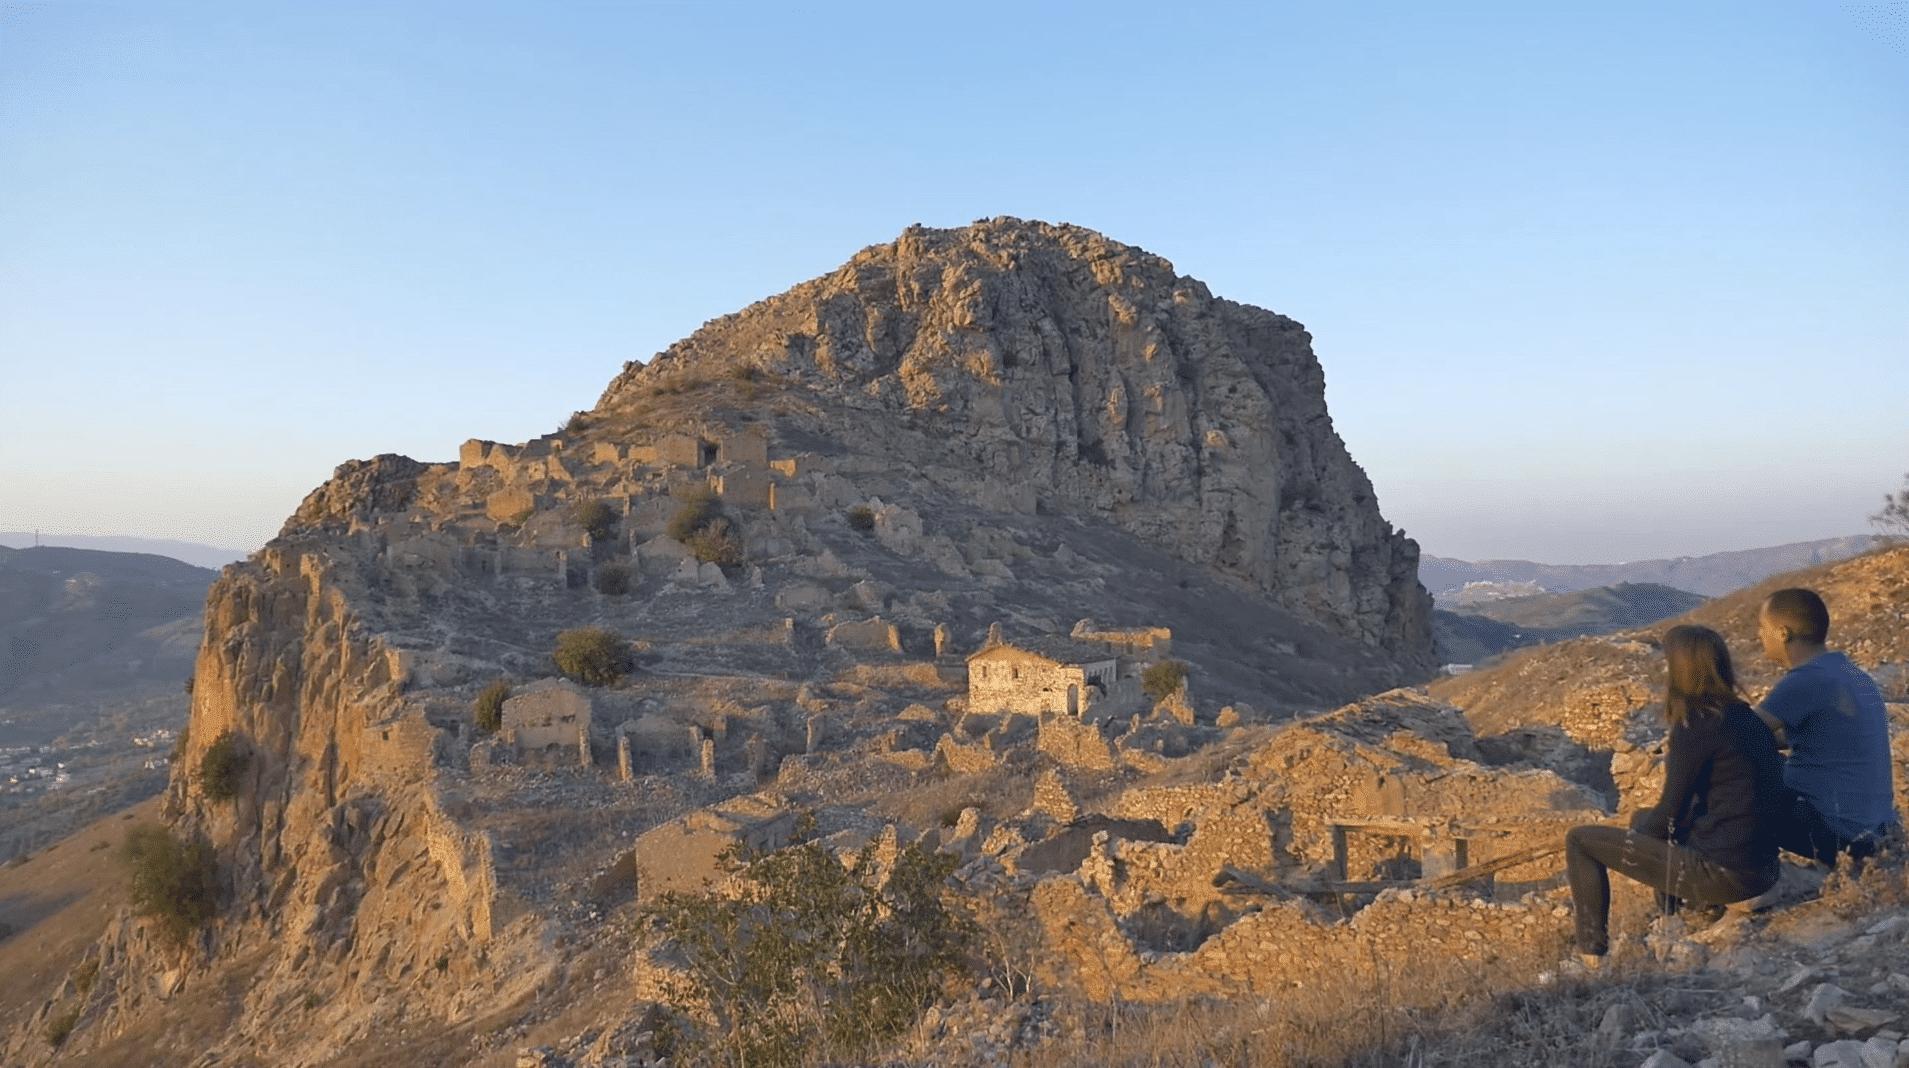 Un film, un couple marseillais : mémoires croisées de la guerre d'Algérie